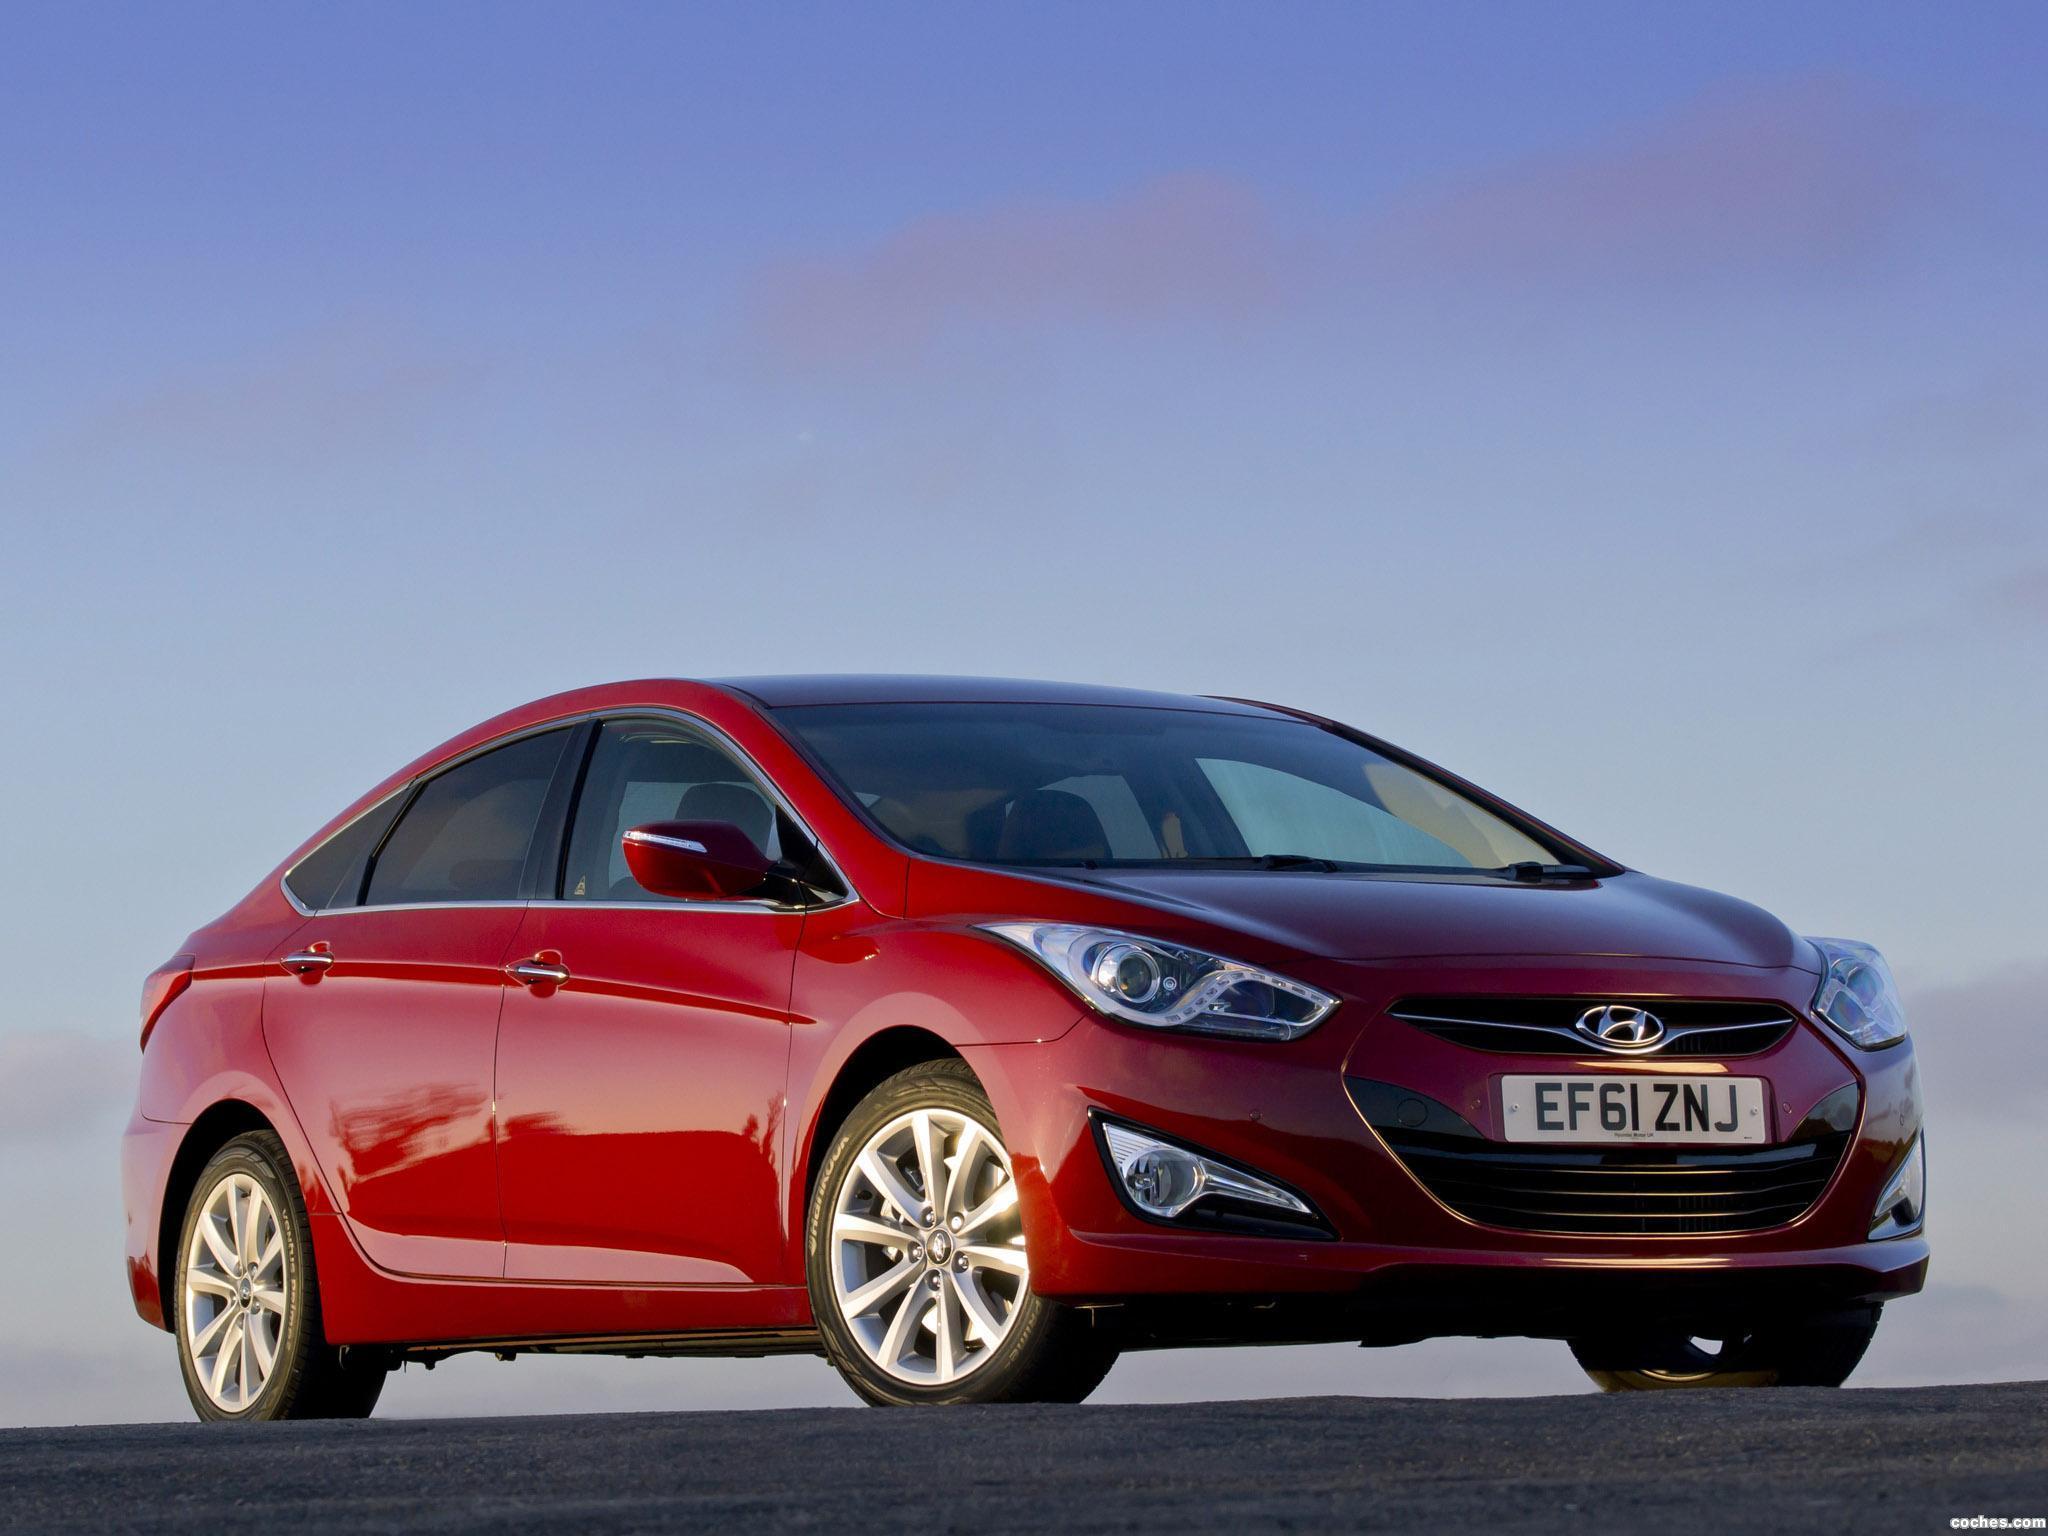 Foto 3 de Hyundai i40 Sedan UK 2012